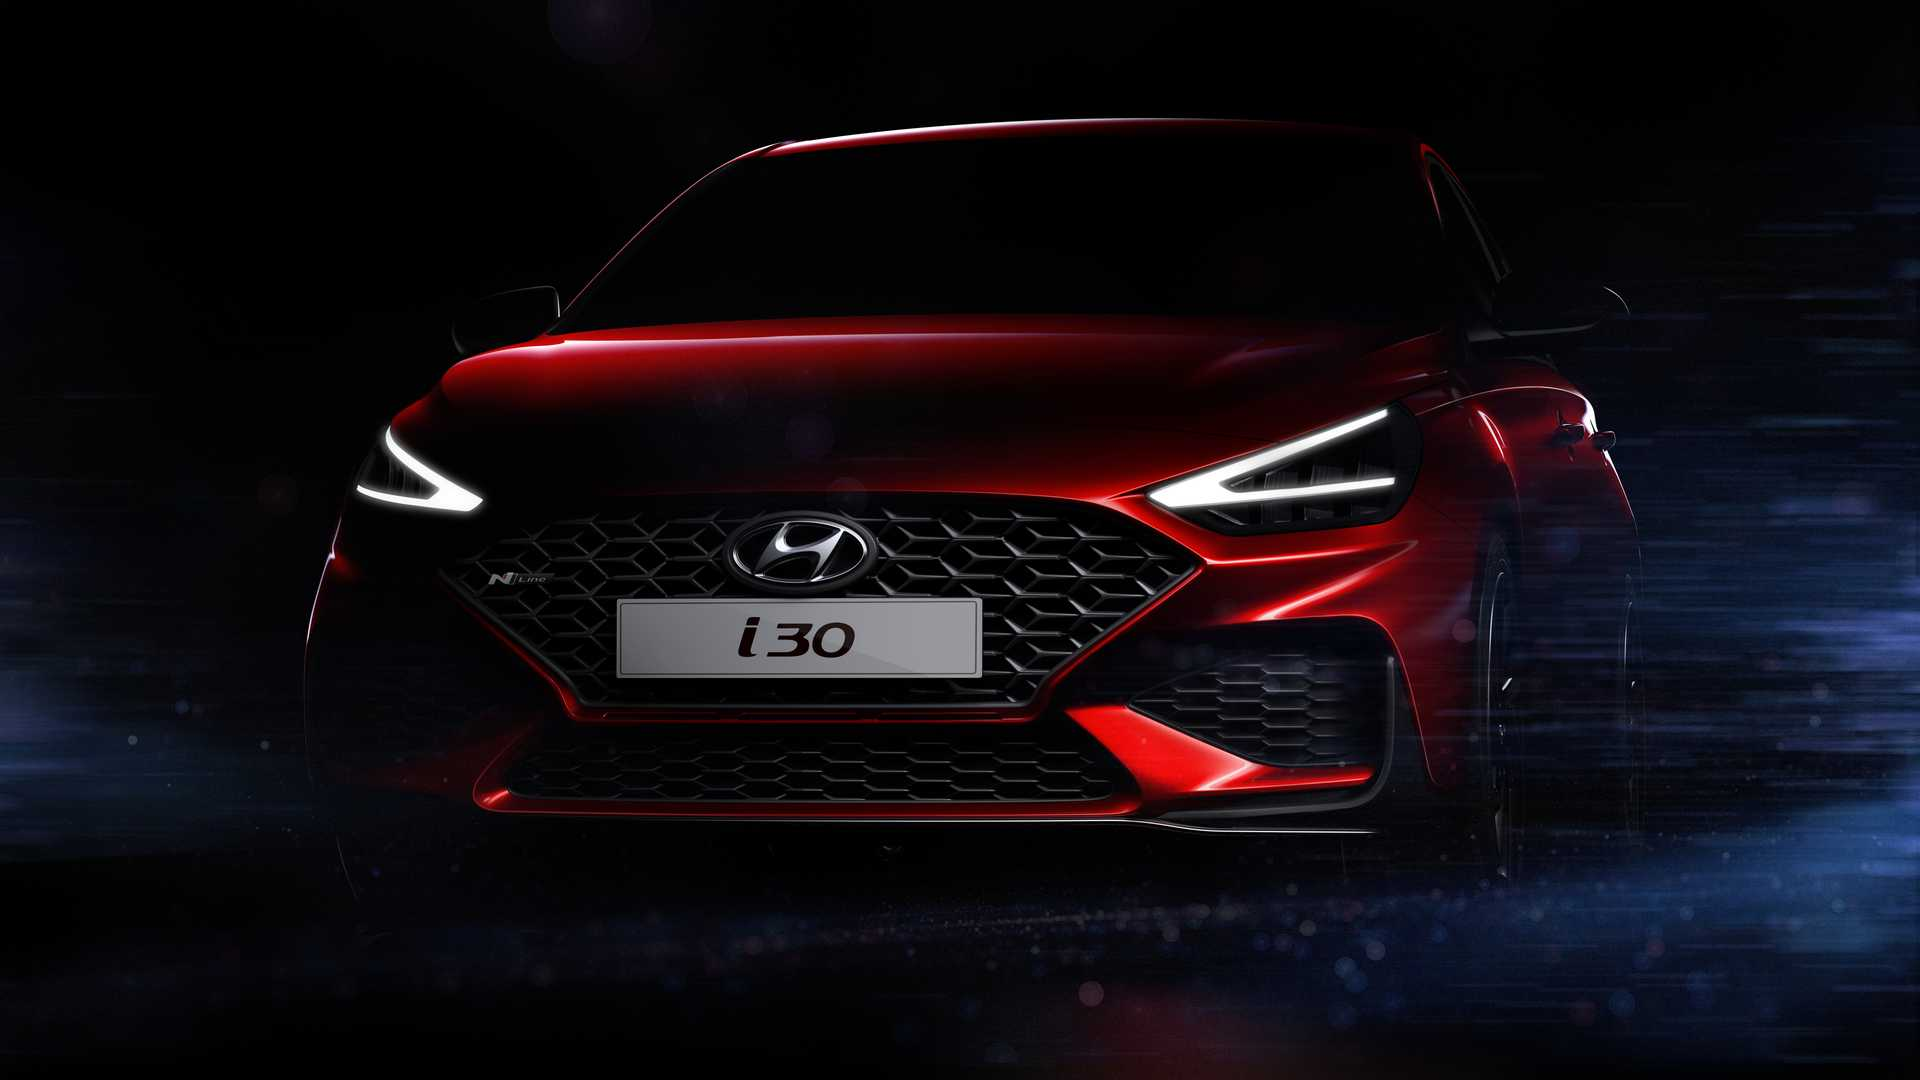 Restilizovani Hyundai i30 premijerno u Ženevi